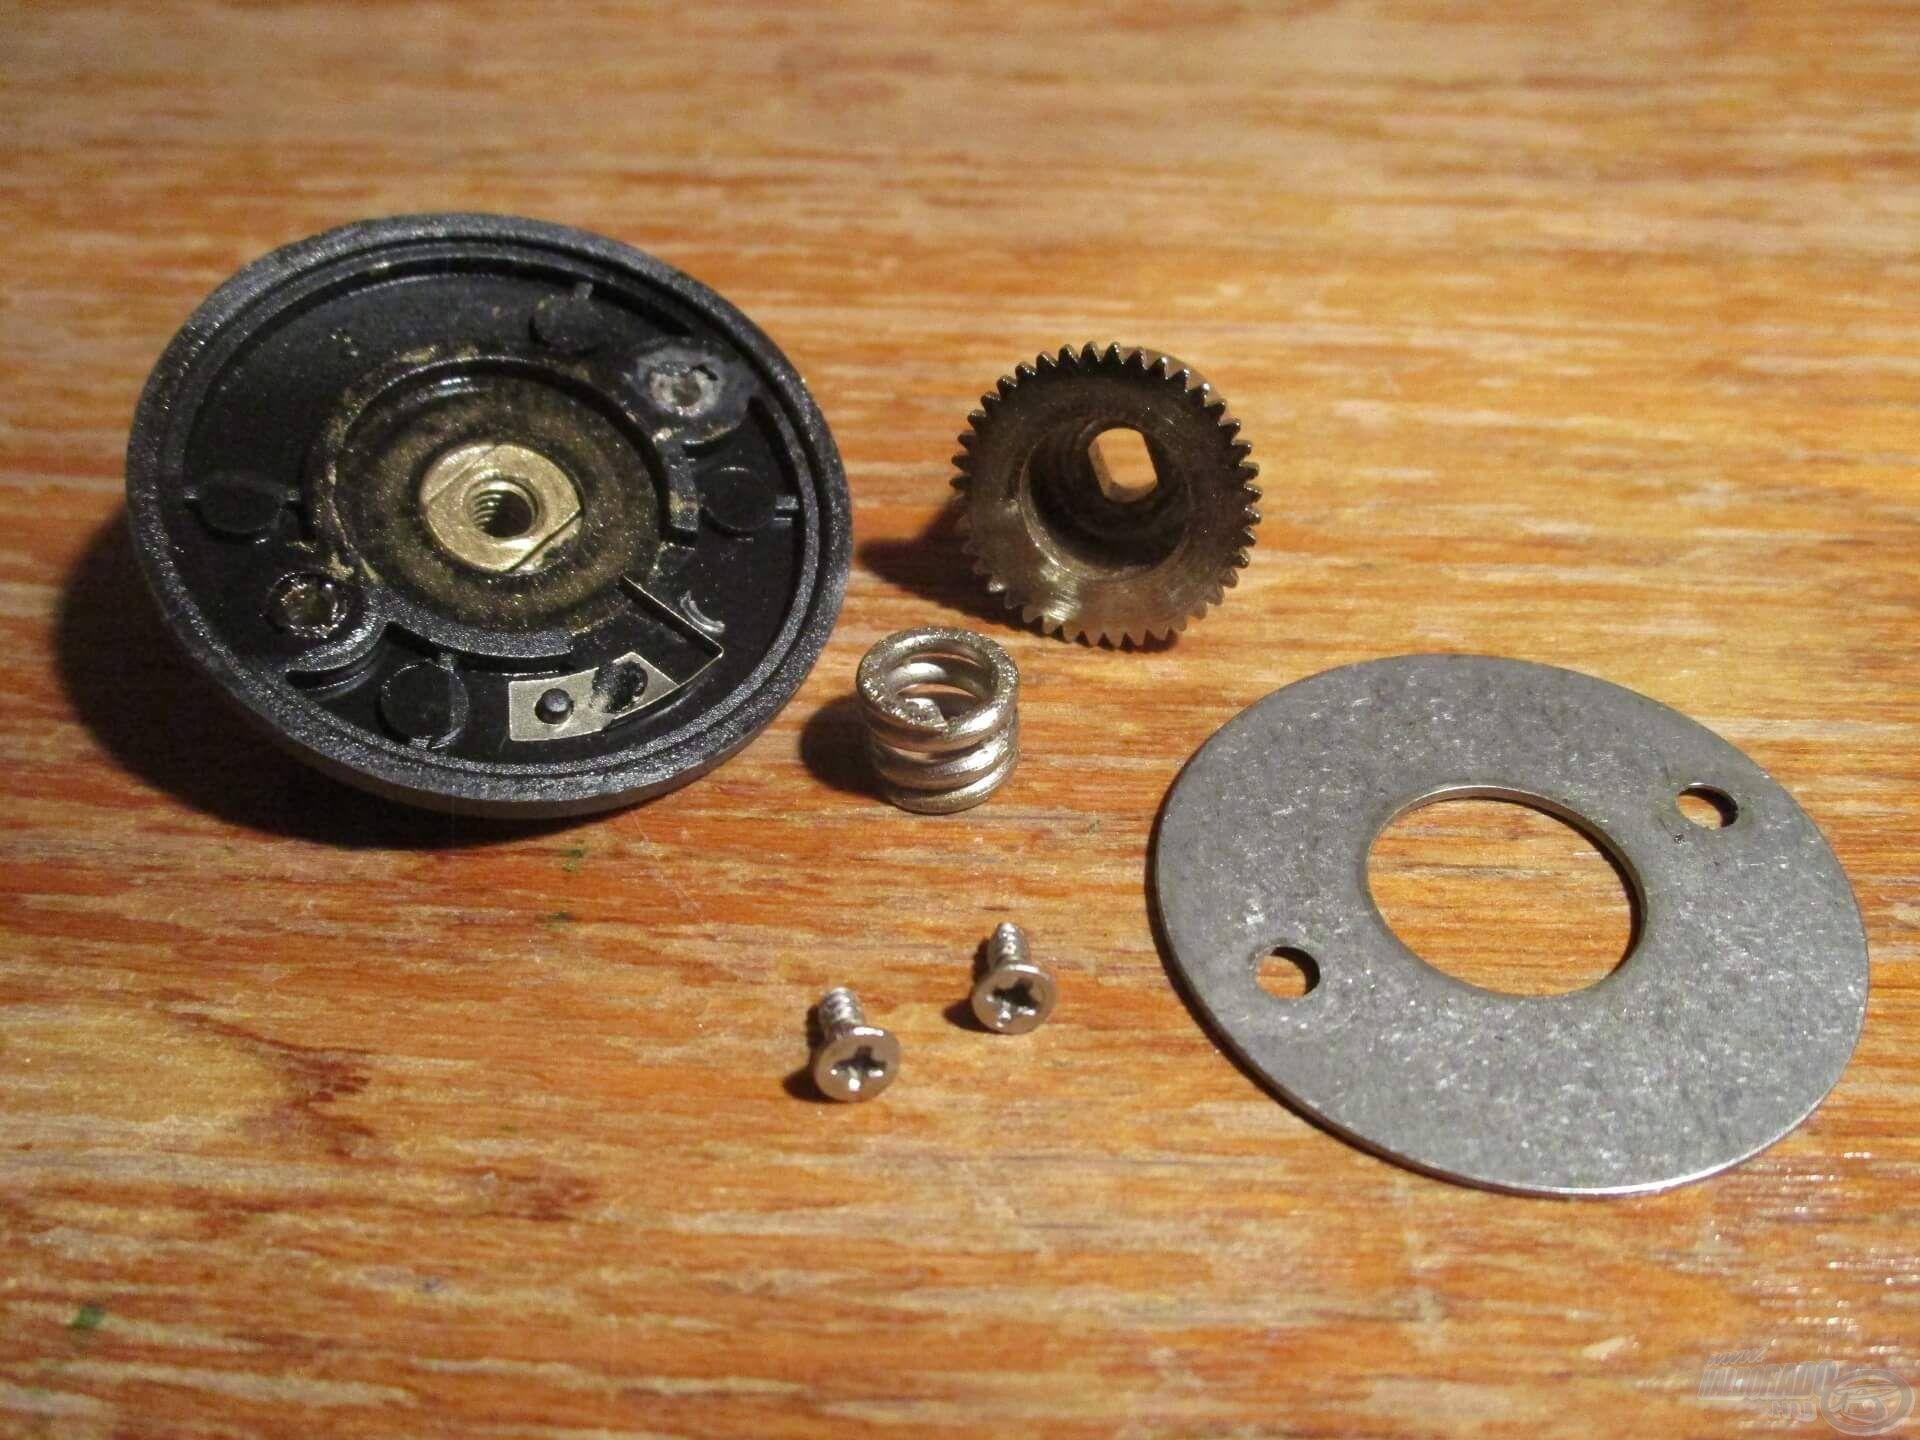 Csavarok, recsegő, fogaskoszorú, alátét és egy pici rugó. Ez a rugó a fékátalakítás elsődleges kulcsa!